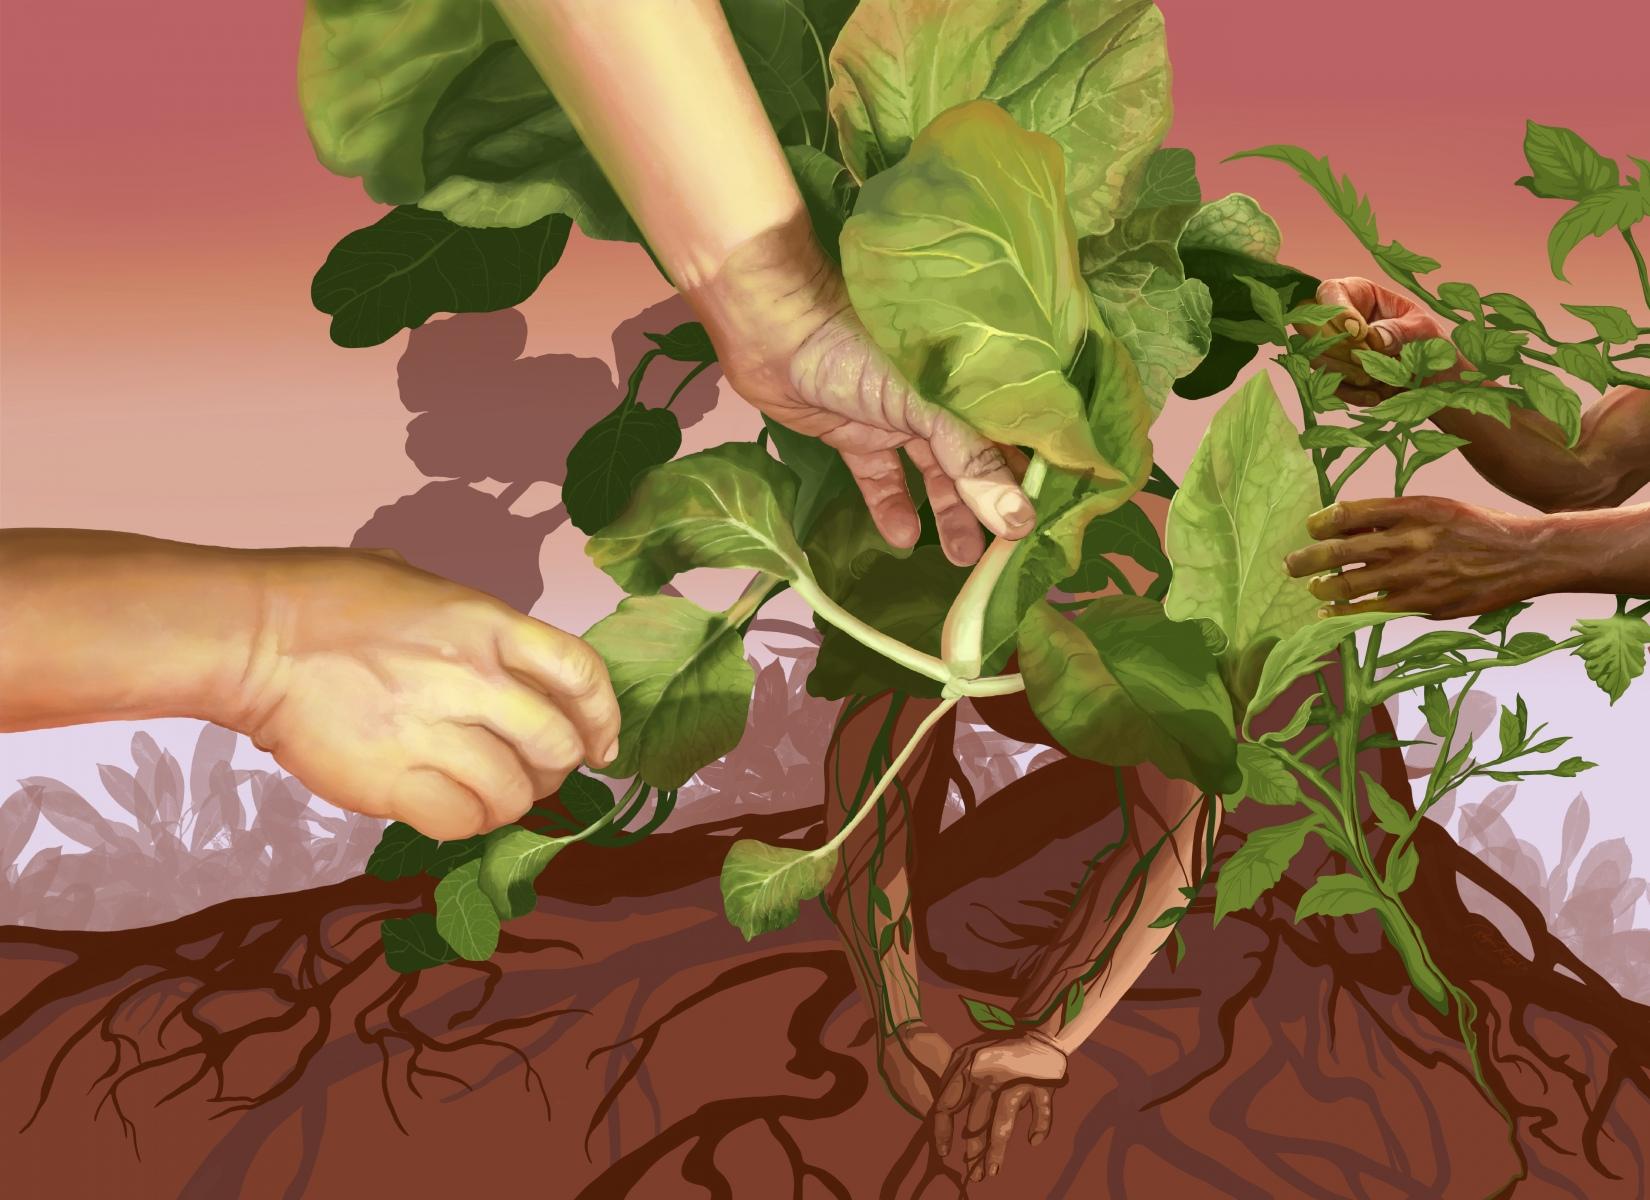 Raysa_Cuidar-nuestra-tierra-es-cuidarnos